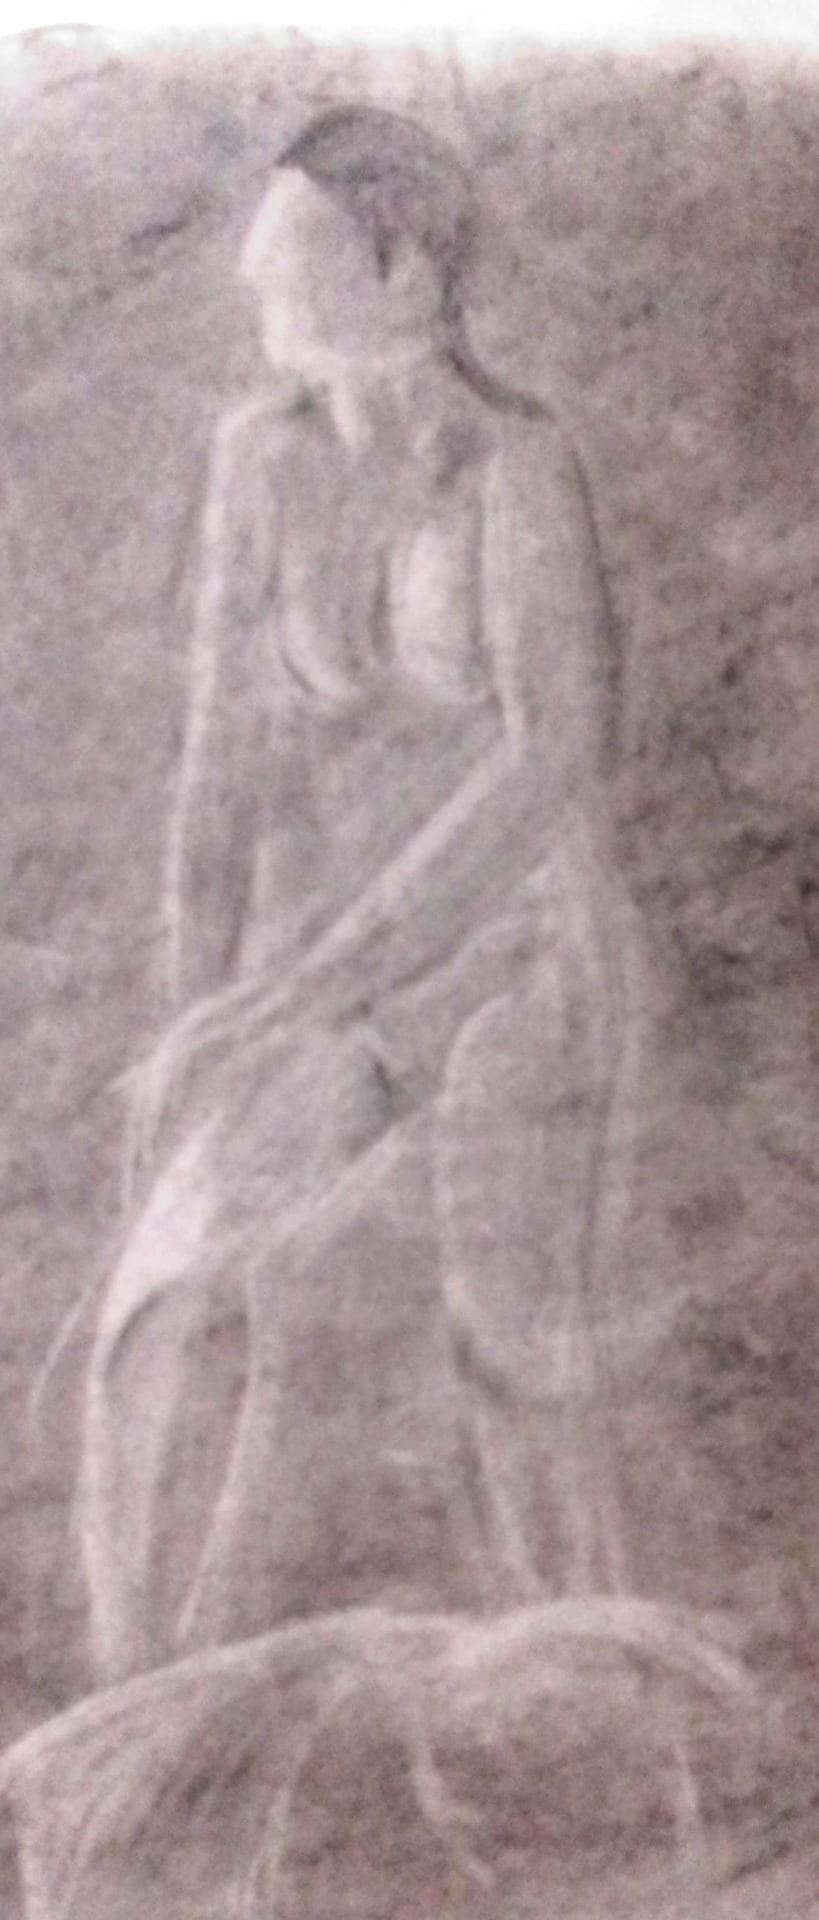 Blurred figure.